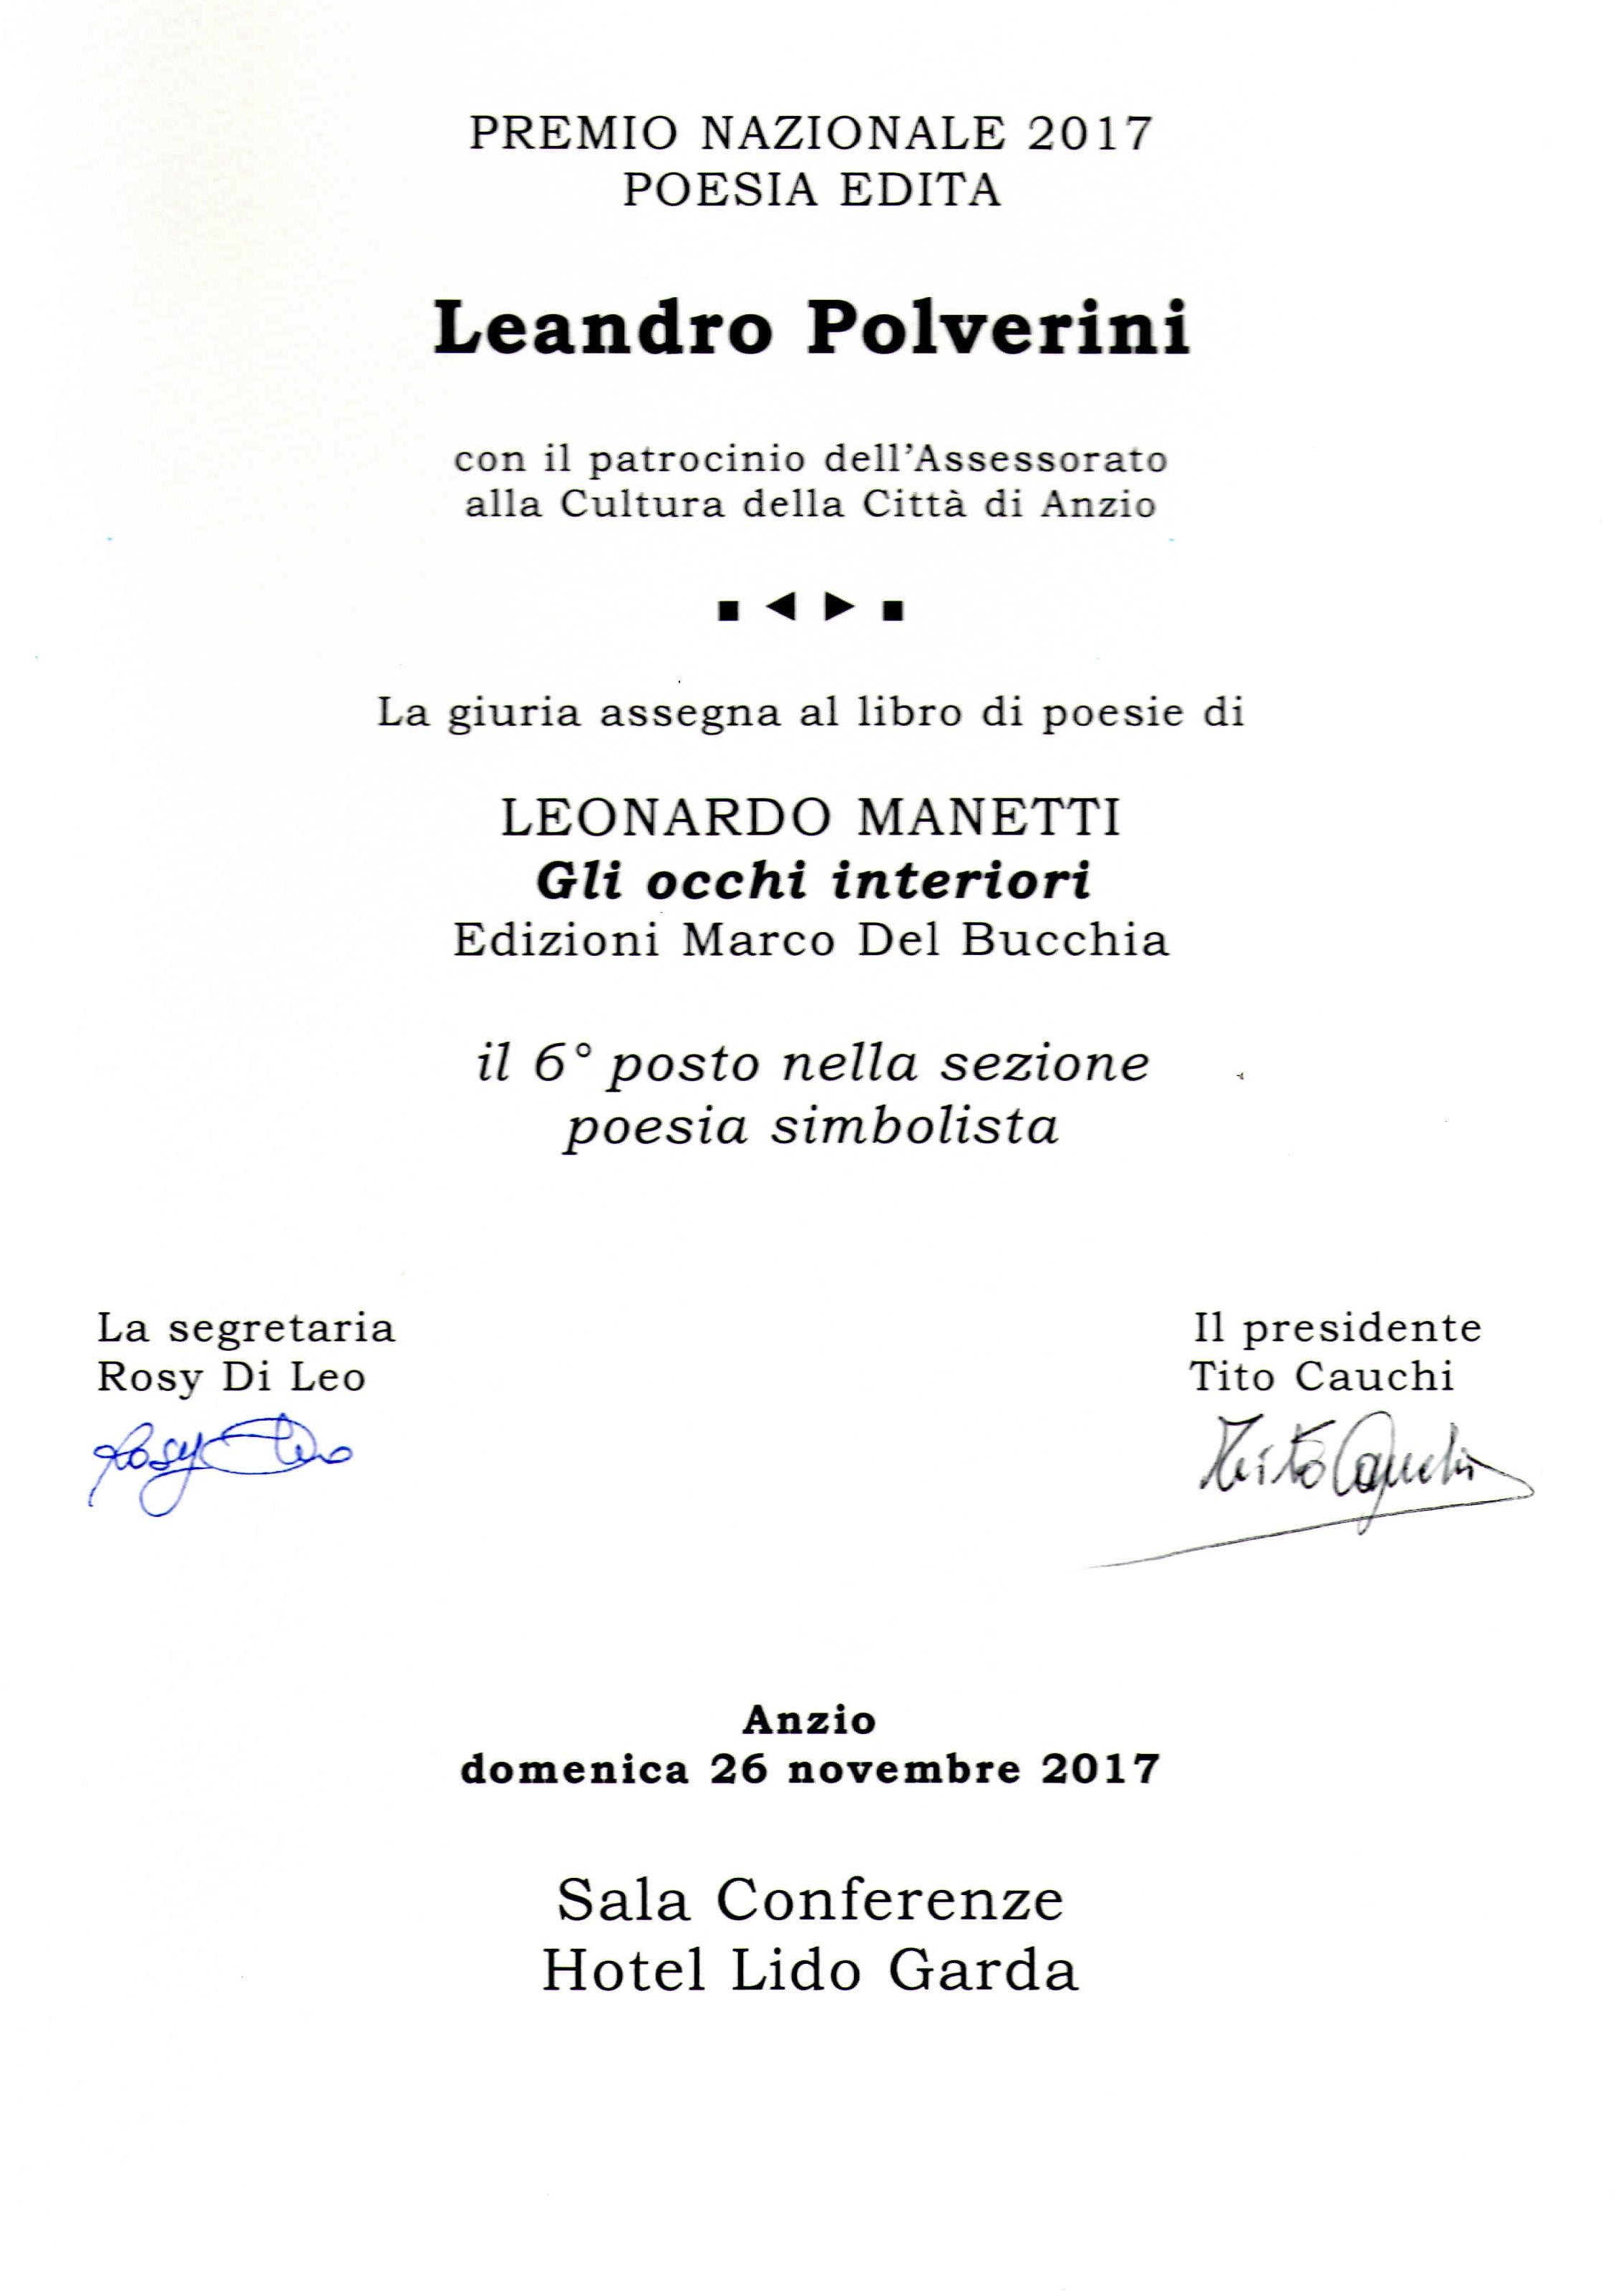 premio_polverini